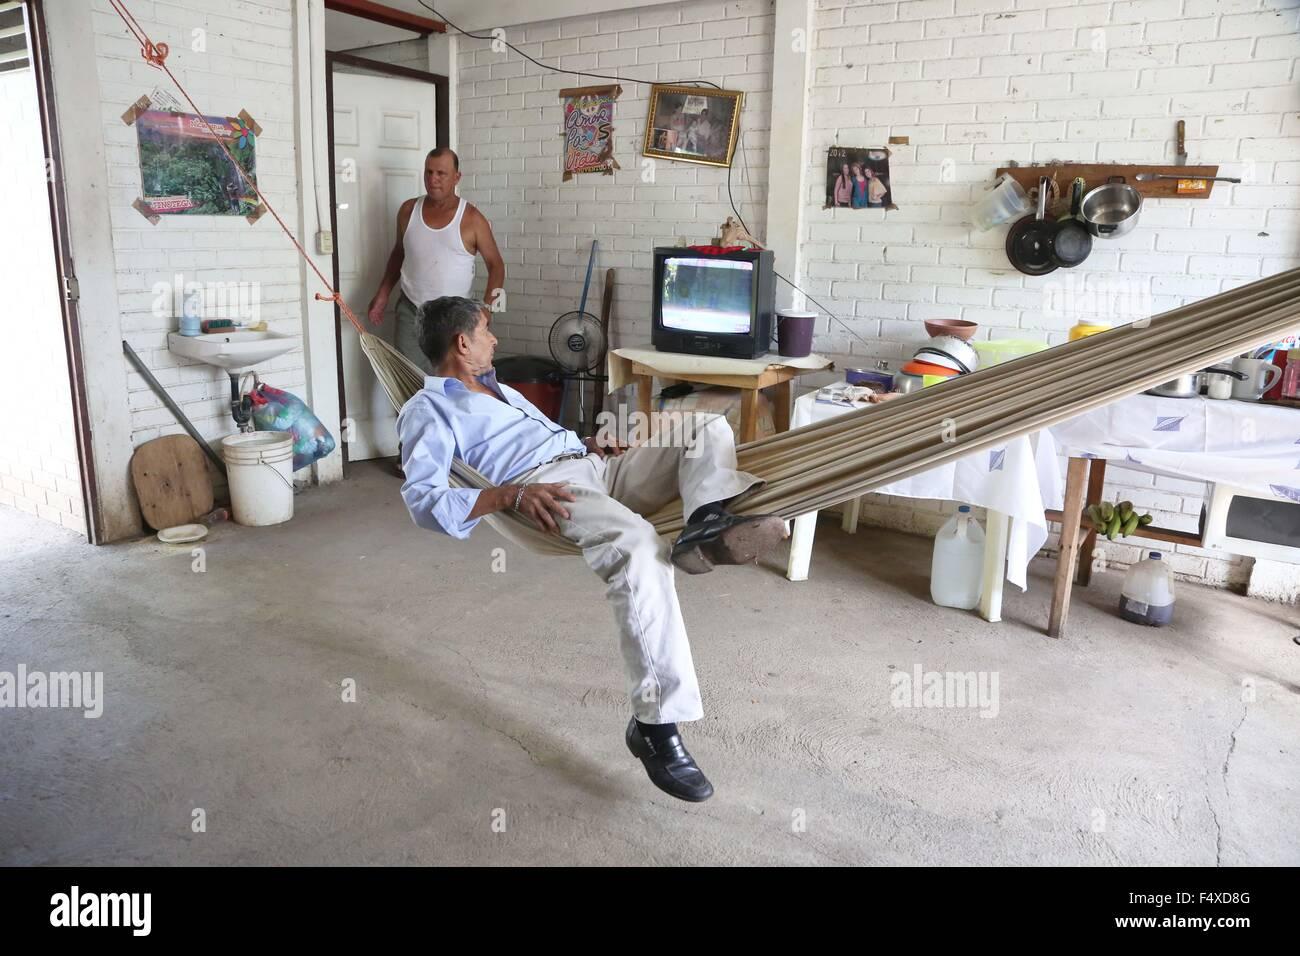 """Managua. 22 Oct, 2015. Imagen tomada en el pasado 22 de octubre, 2015 muestra José Castillo (delantero) descansando en una hamaca en su casa en la ciudadela """"héroes y mártires de nemagón"""" en Managua, Nicaragua. La ciudadela """"héroes y mártires de nemagón"""" fue beneficiado por las """"Casas para el pueblo"""", un programa, implementado desde 2007 y consiste en la construcción y la prestación de servicios sociales a la población de los hogares en situación de pobreza que viven en las zonas rurales y urbanas. © Juan Bustos/Xinhua/Alamy Live News Foto de stock"""